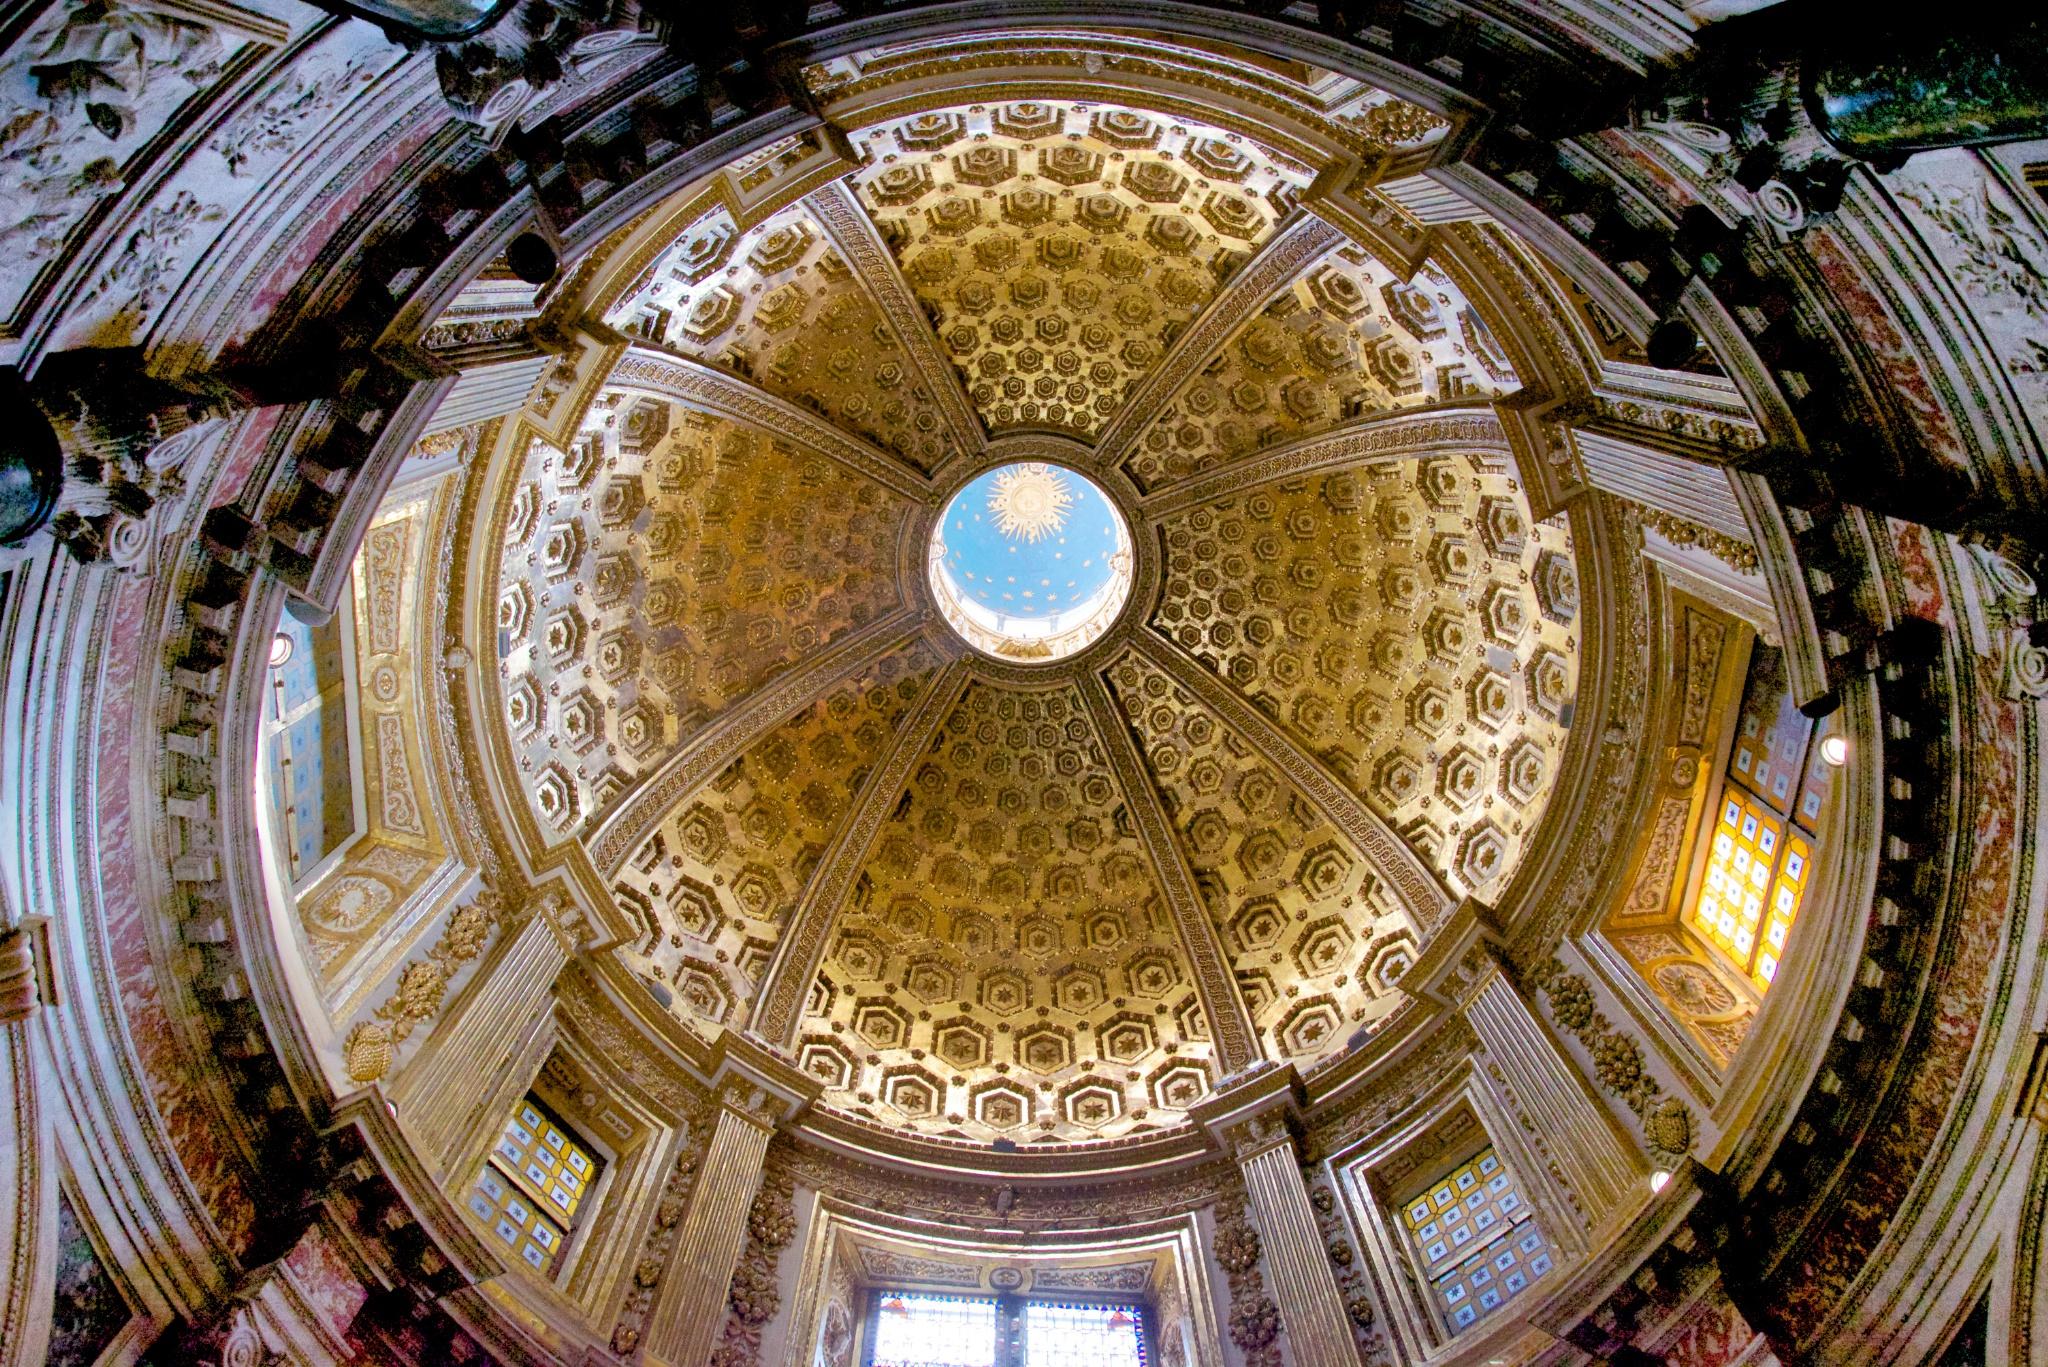 Dome at Duomo di Siena | mikestravelguide.com